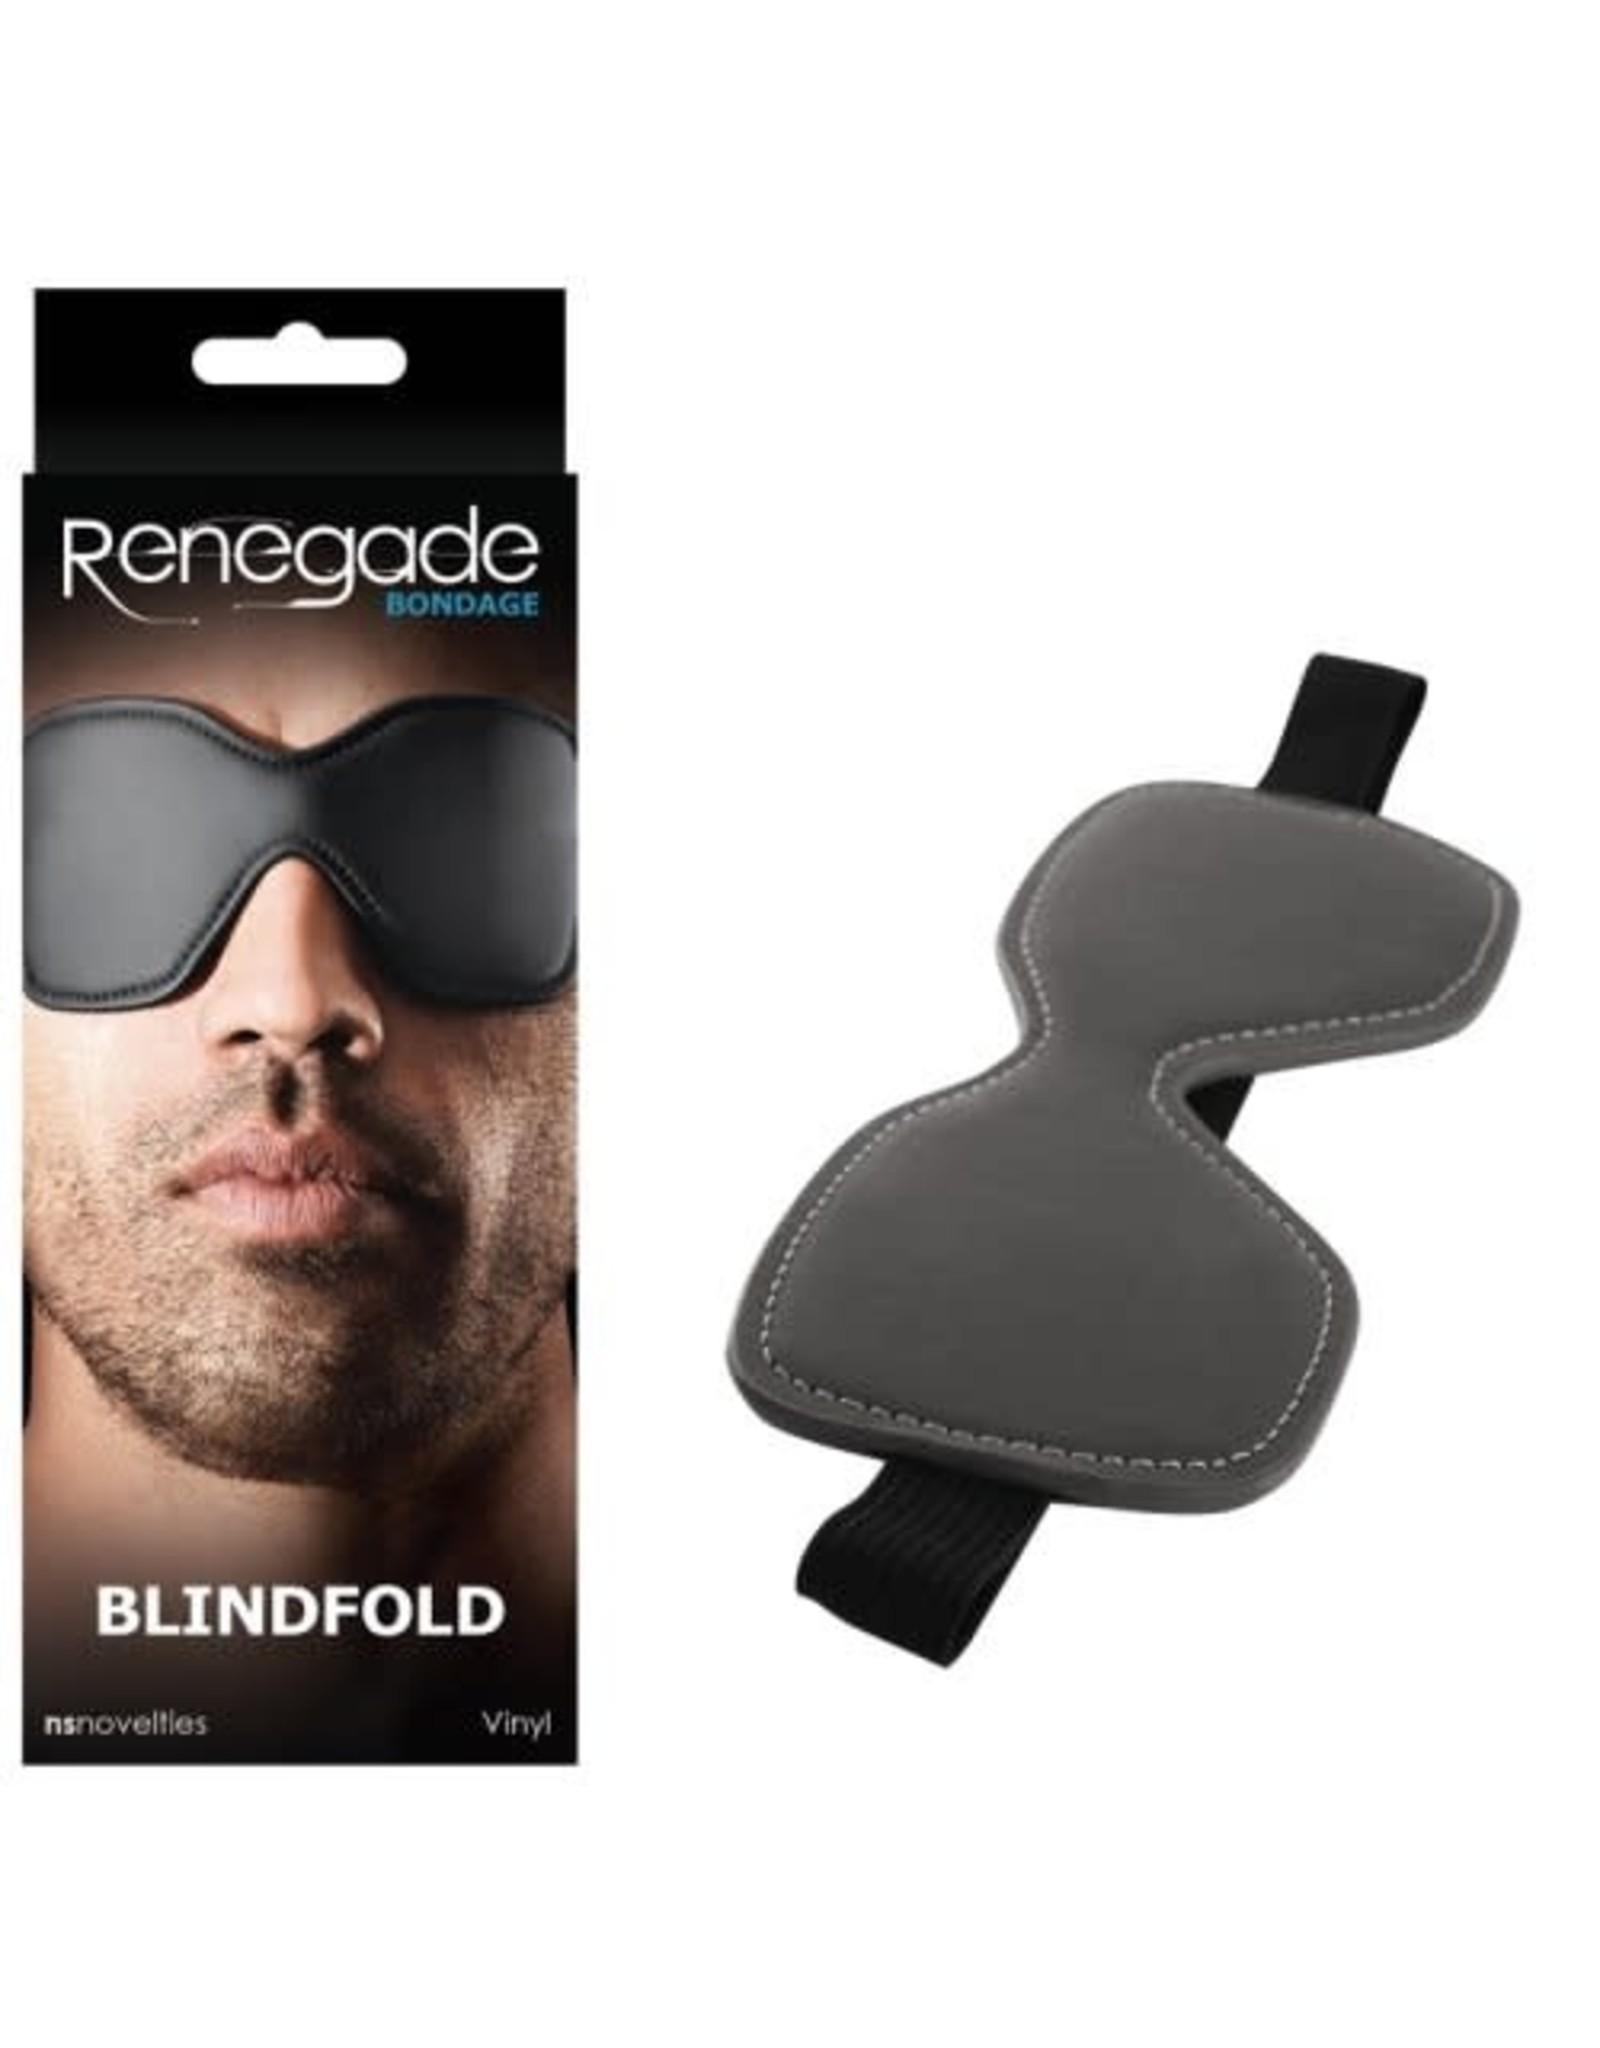 Renegade Renegade Bondage Blindfold